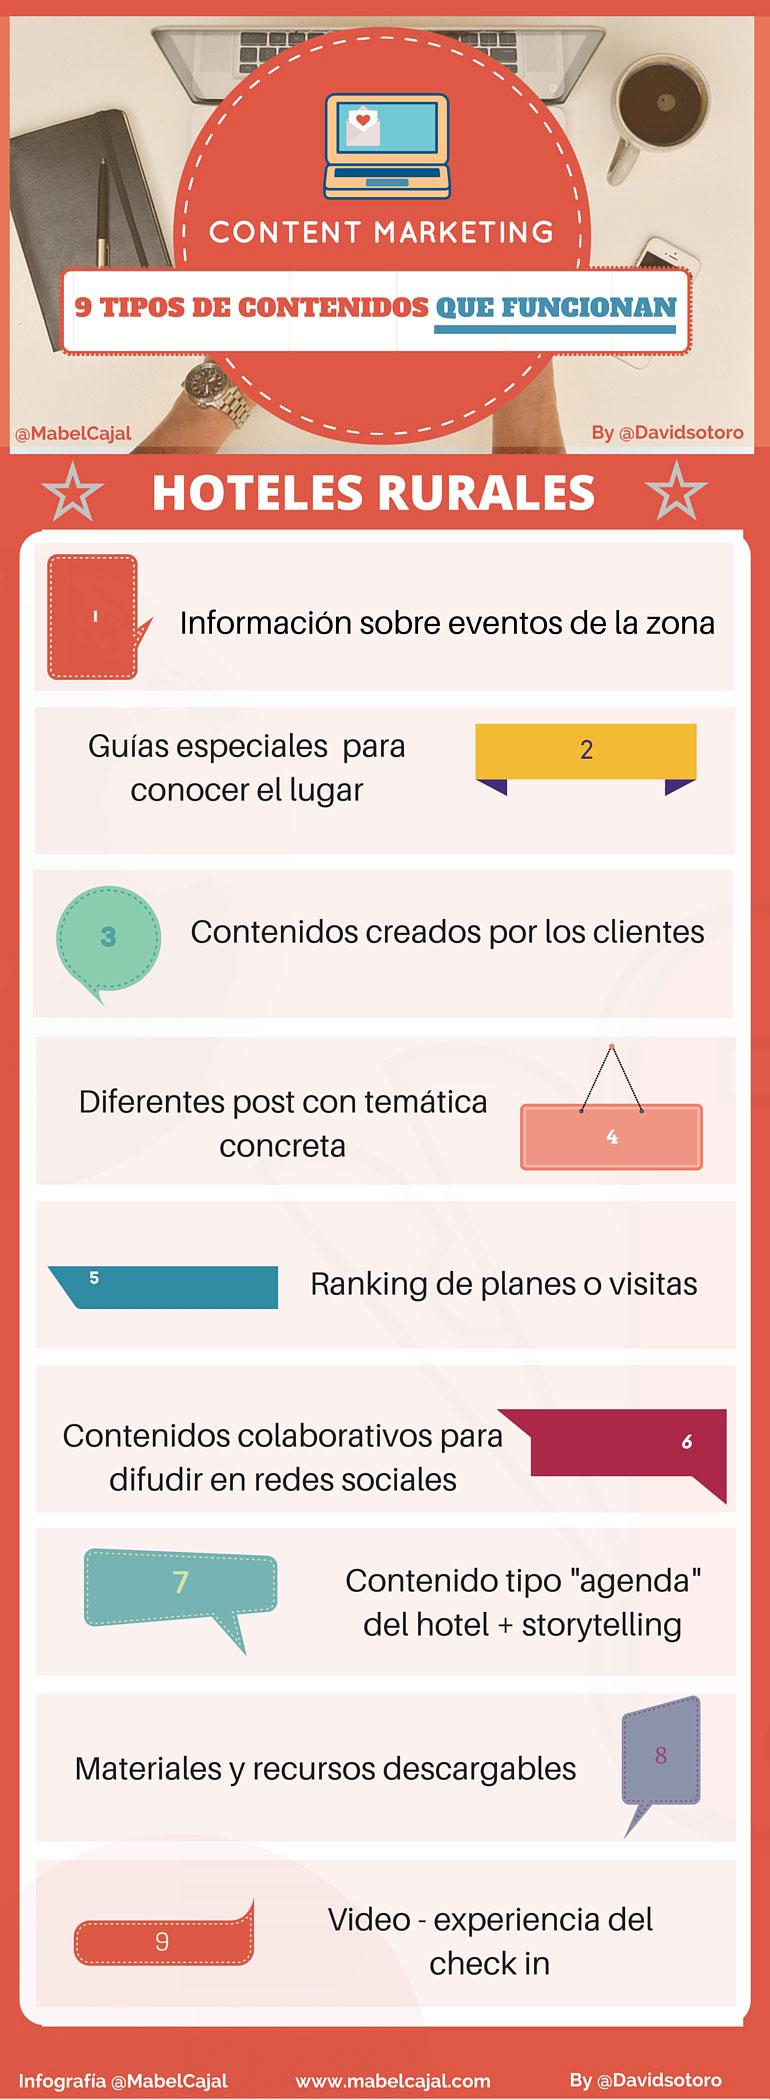 9 tipos de contenidos que funcionan en marketing para hoteles rurales